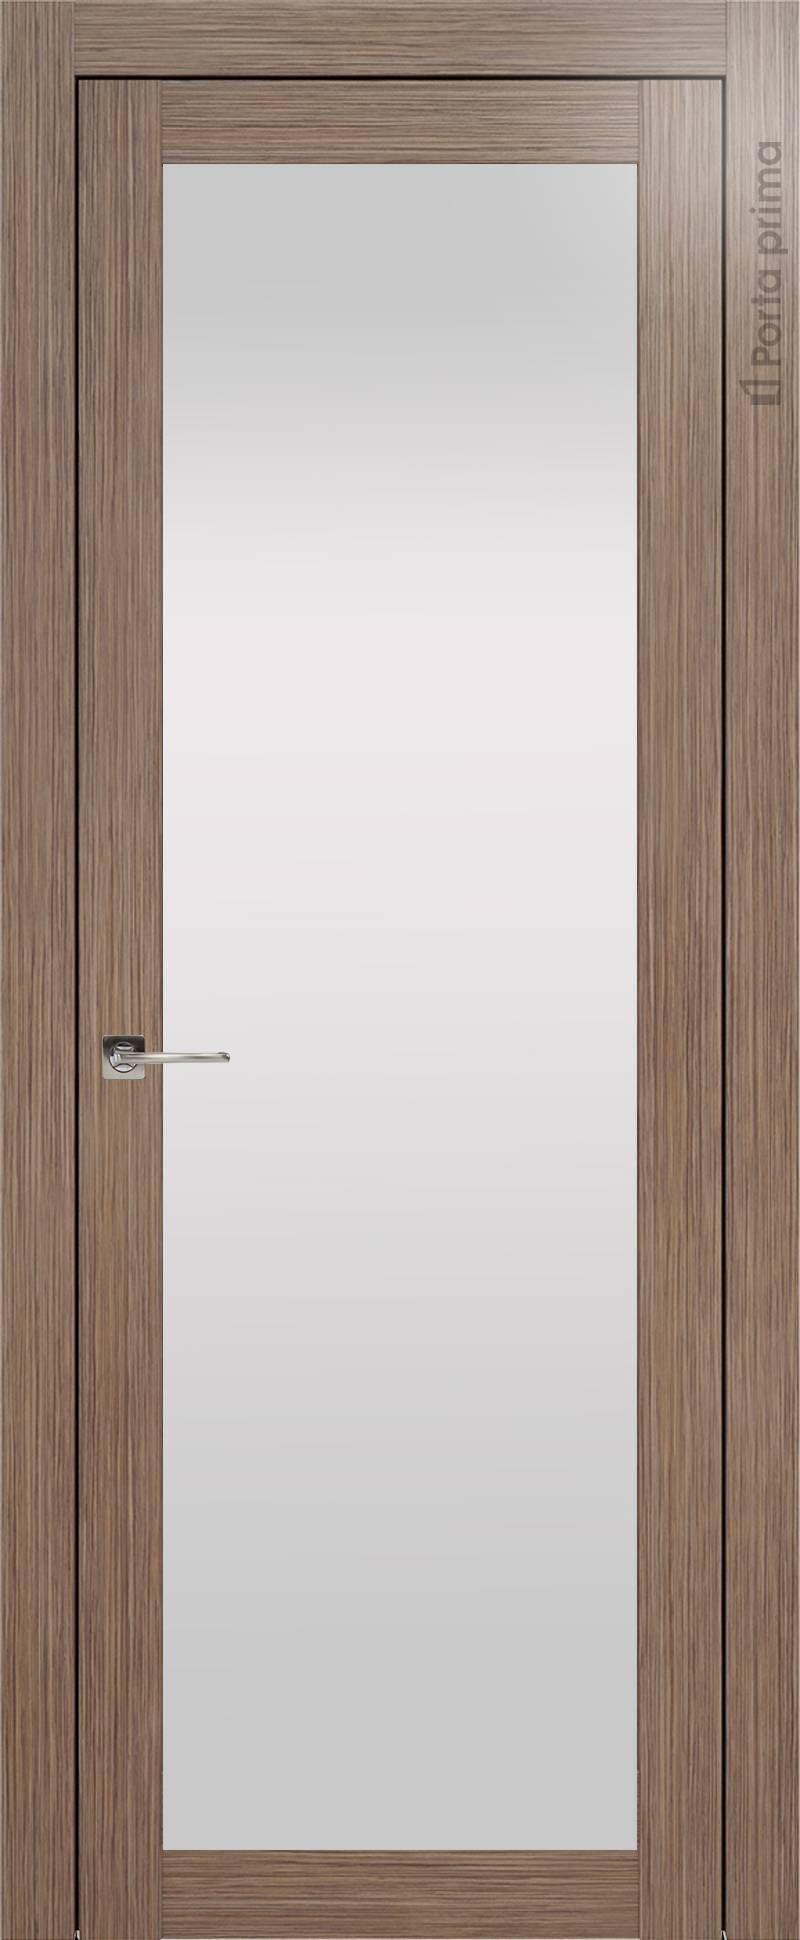 Tivoli З-1 цвет - Орех Со стеклом (ДО)